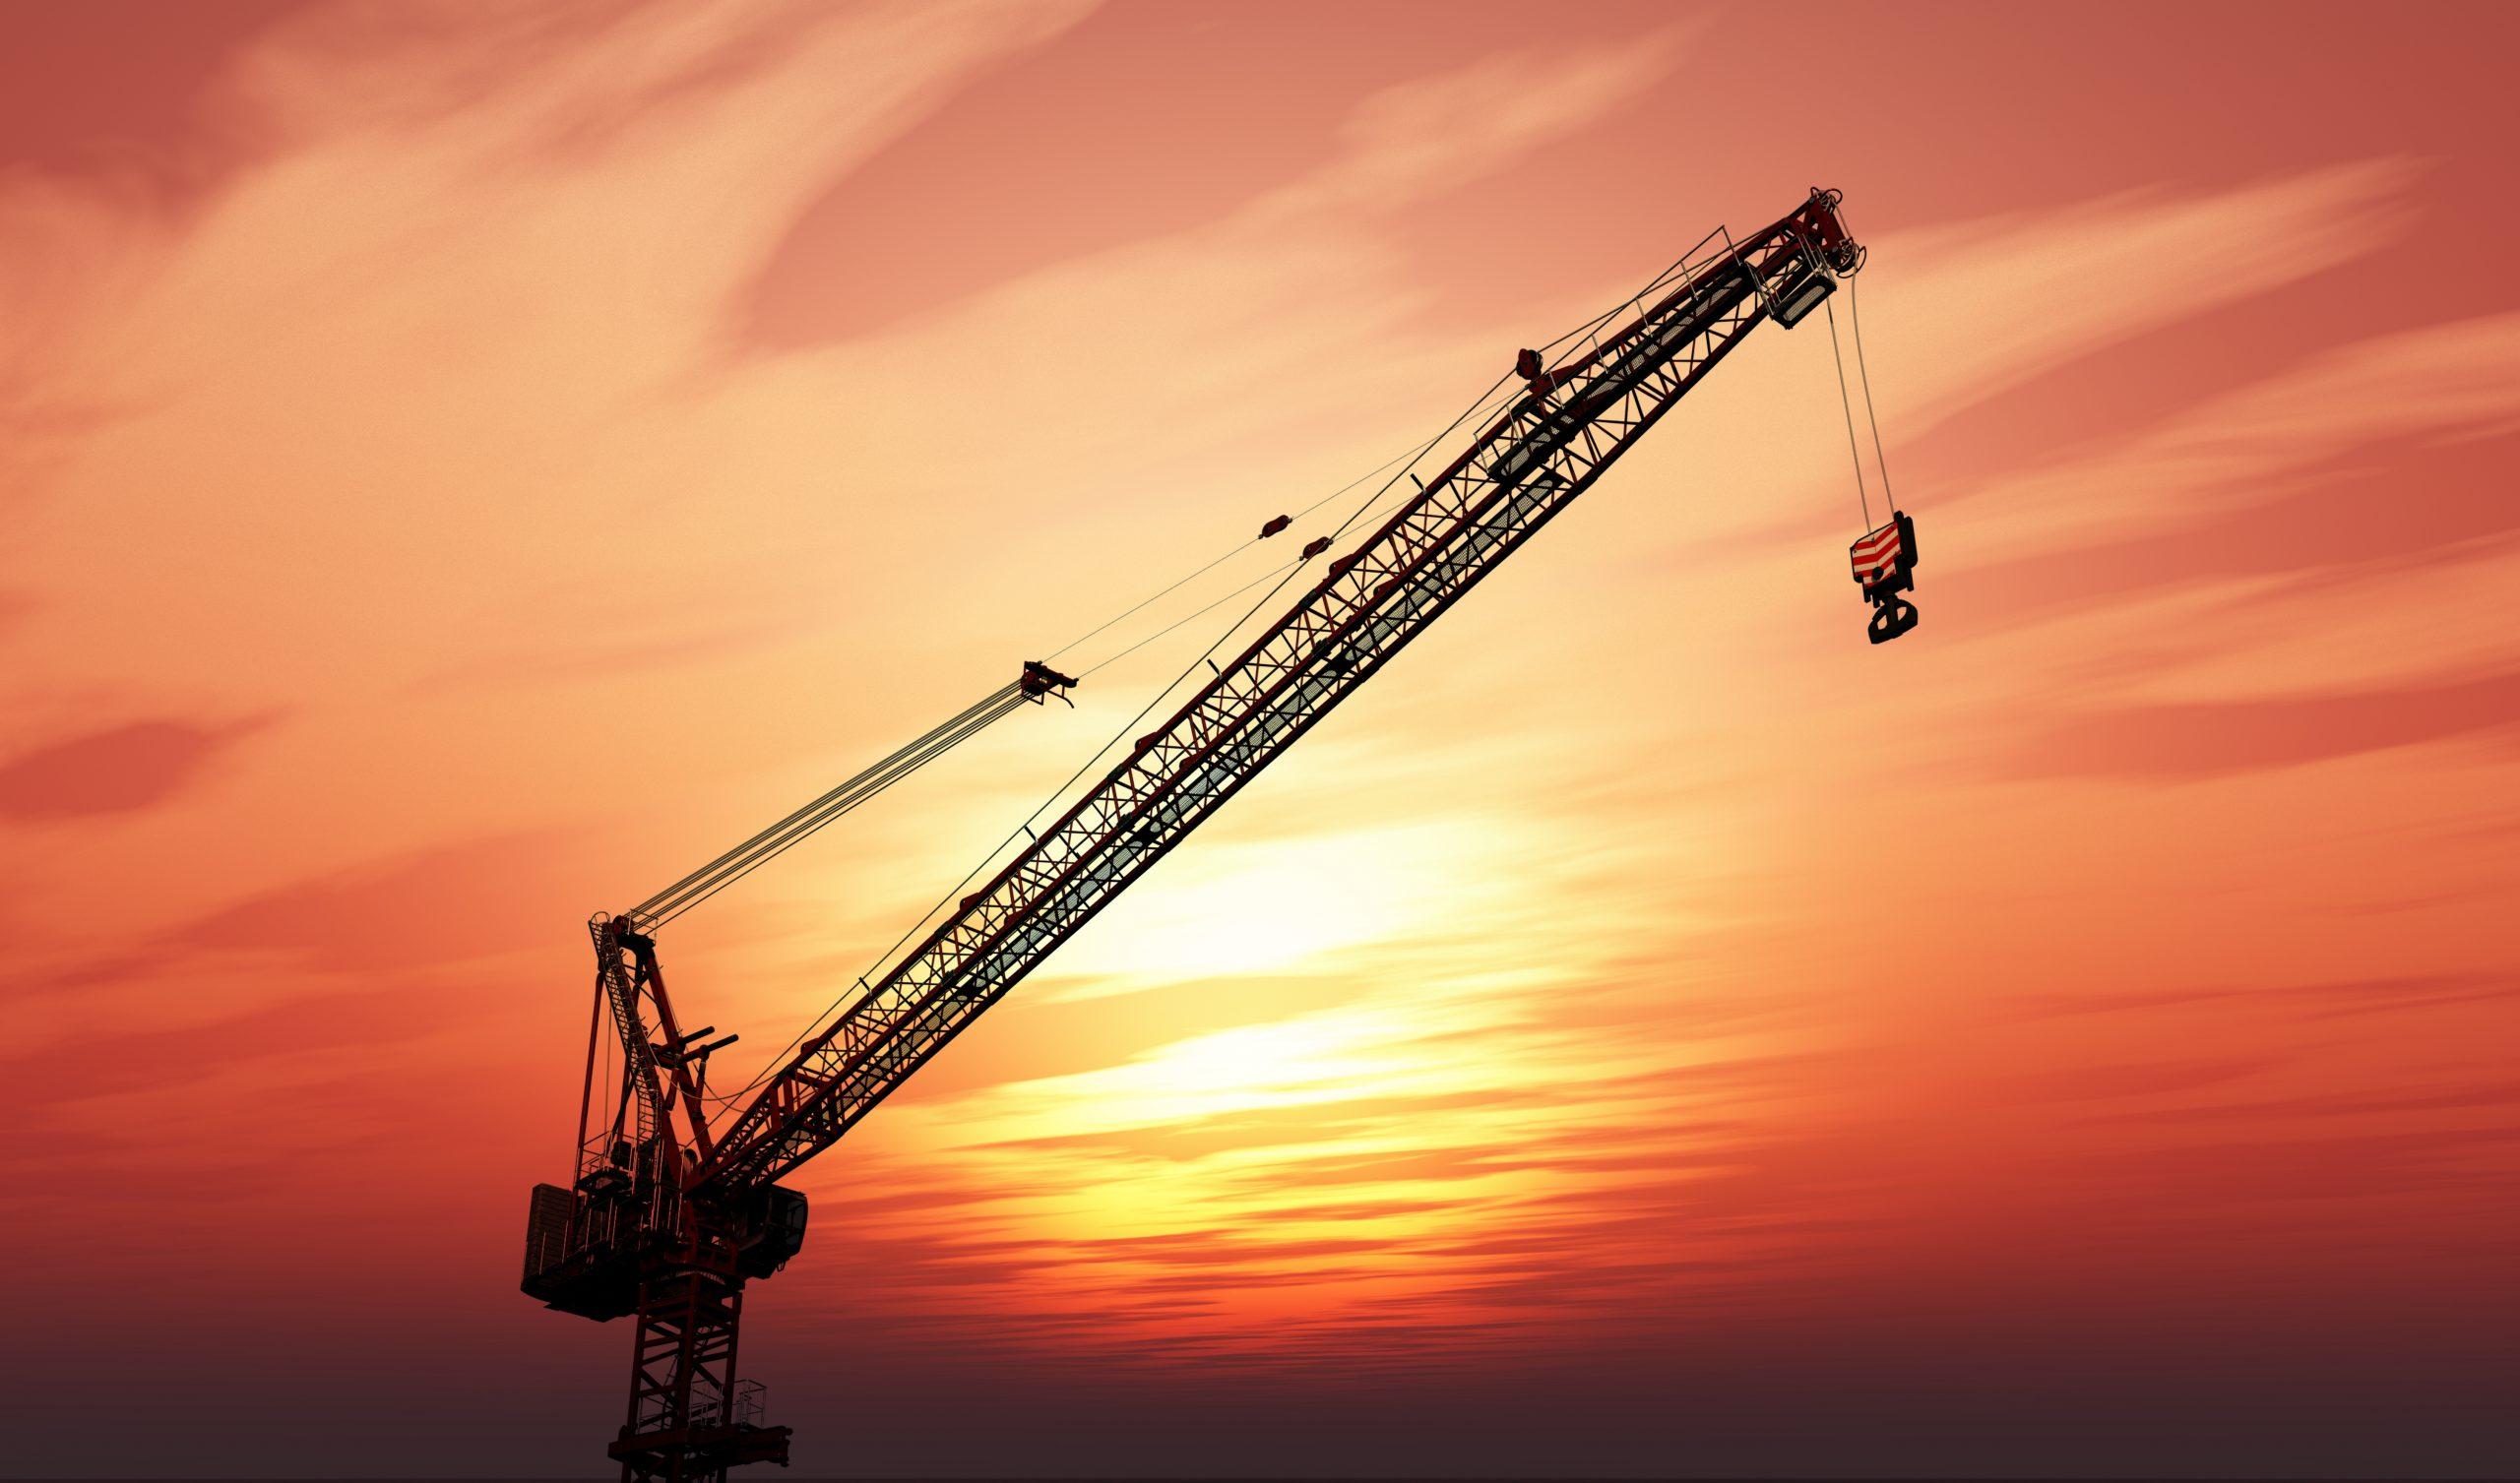 Dezvoltarea construcțiilor modulare în 2021 și impactul asupra industriei imobiliare